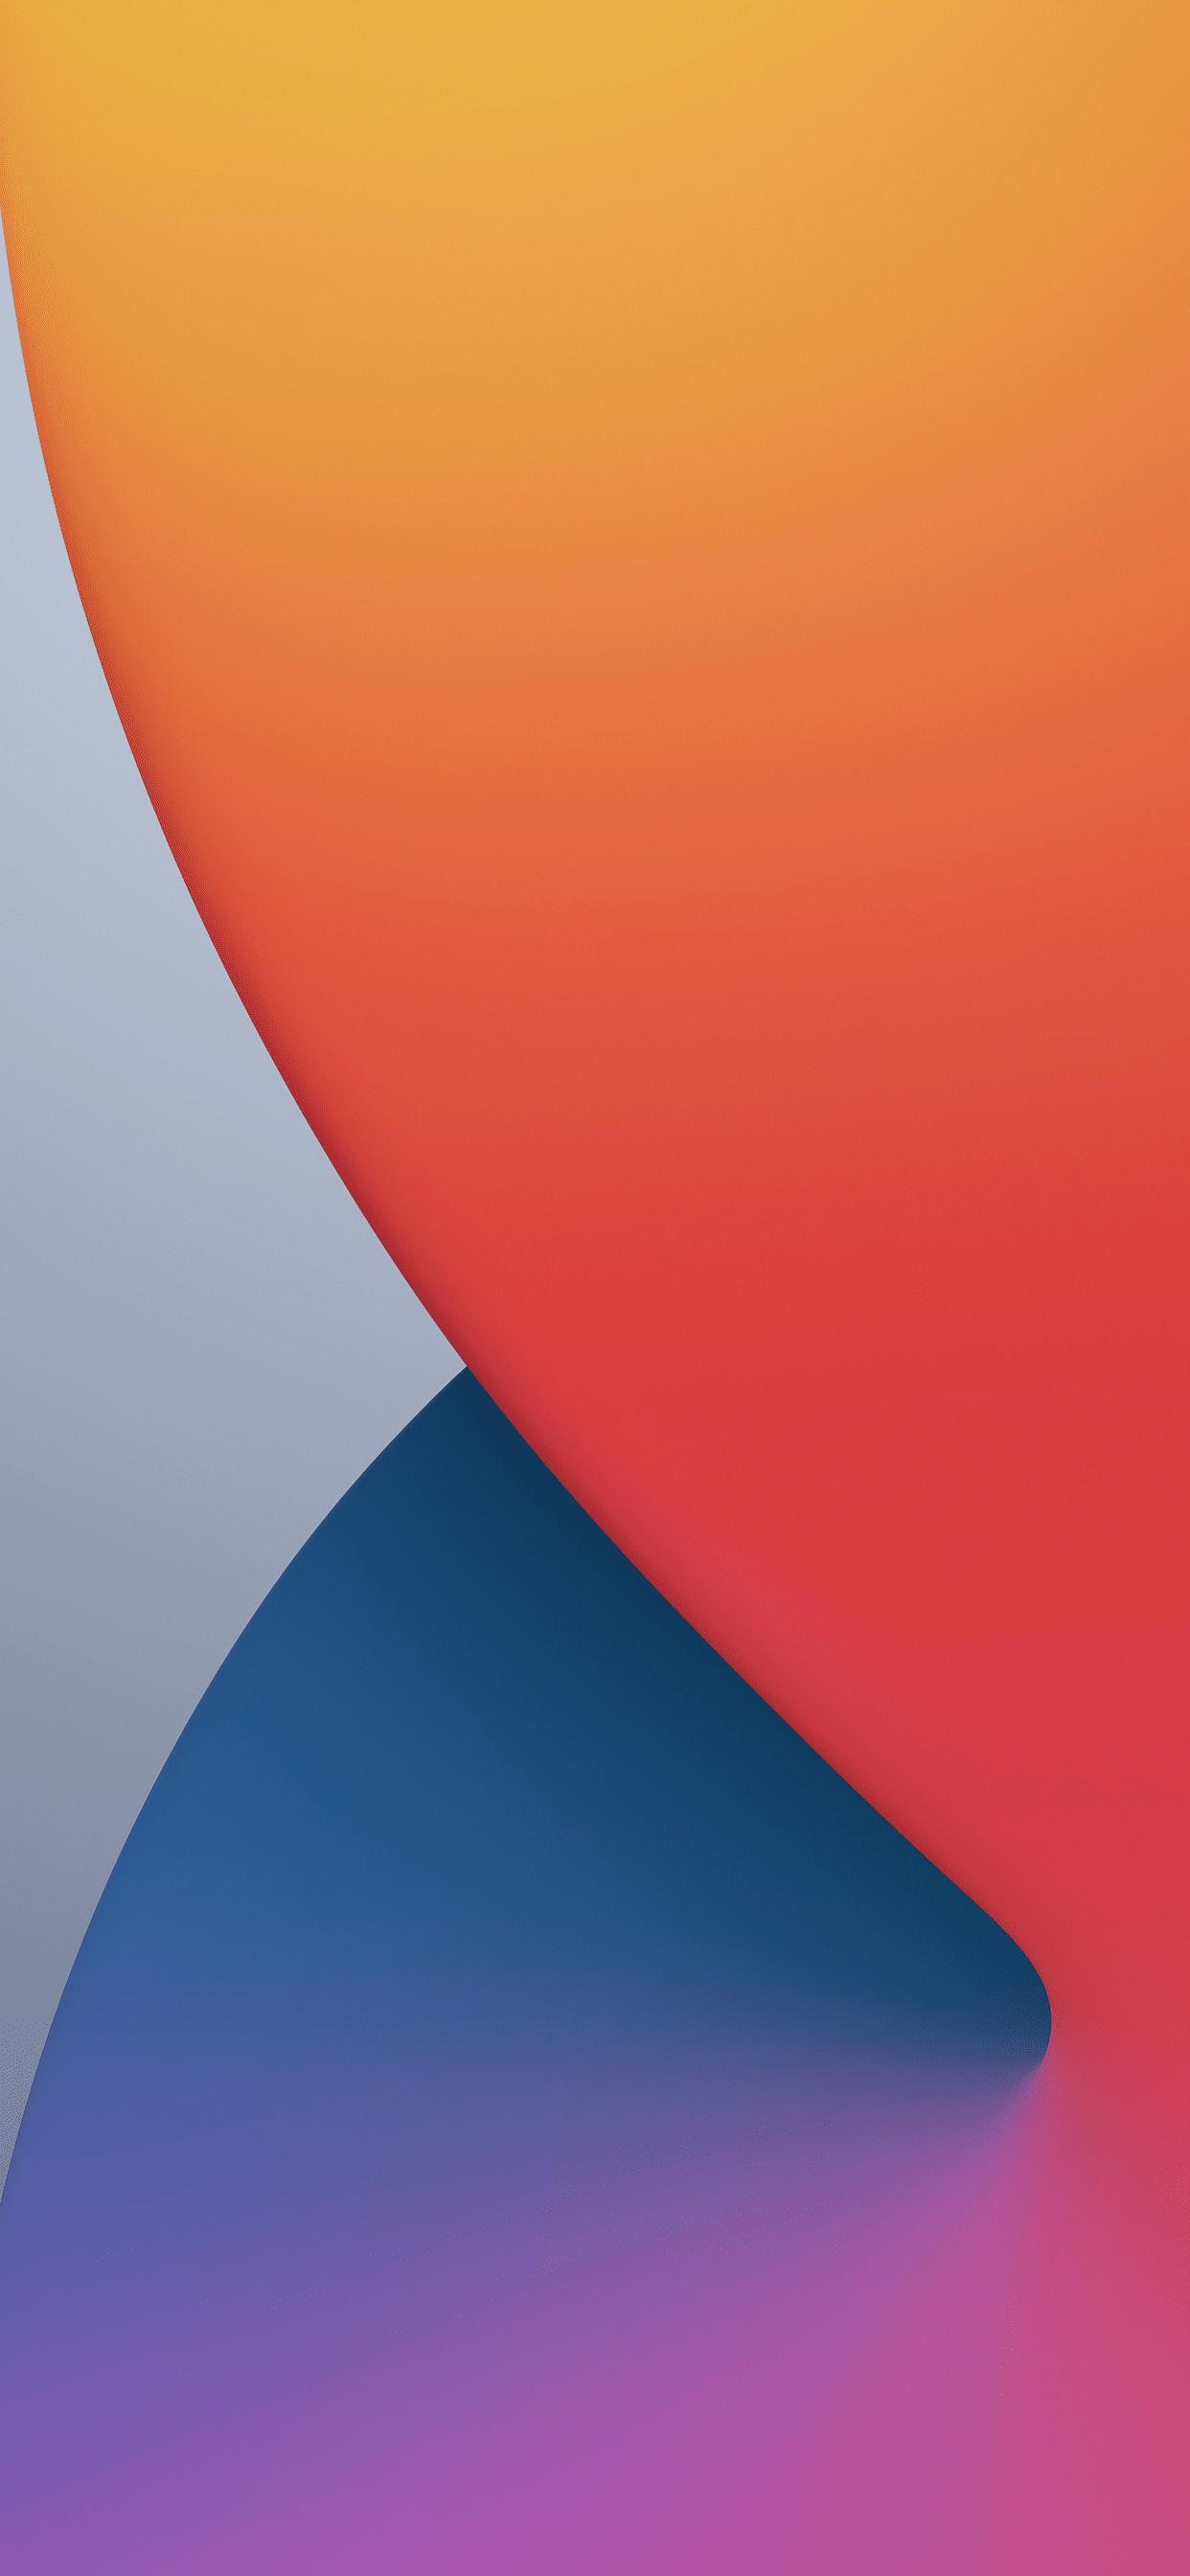 苹果iOS 14/iPadOS 14系统自带壁纸下载